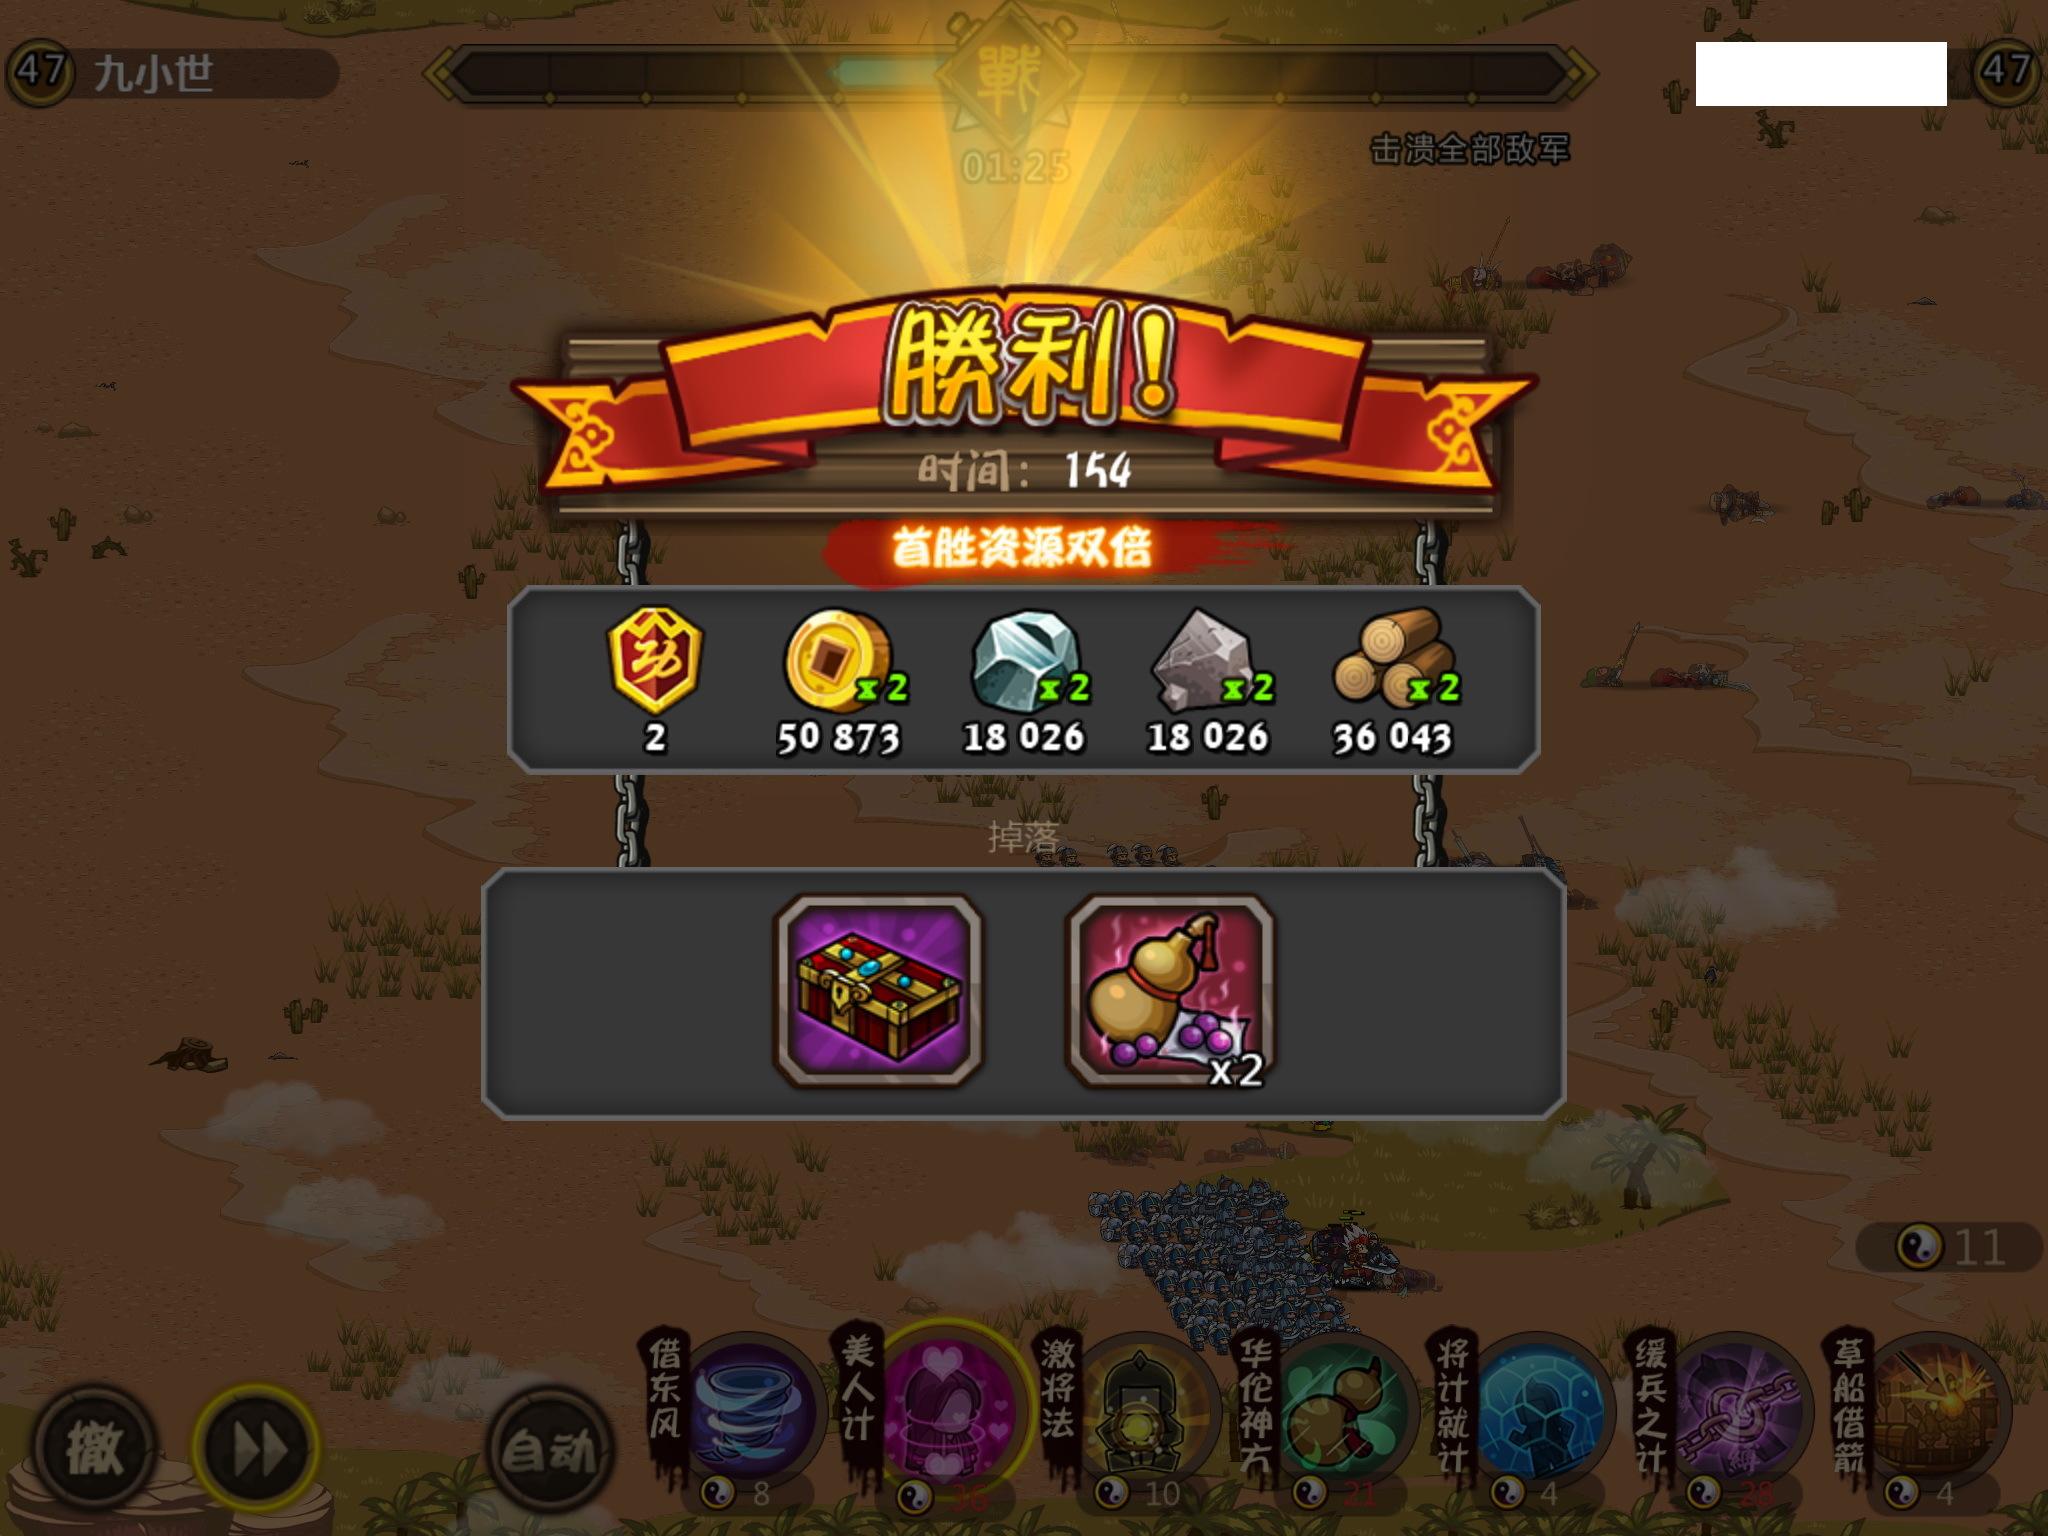 新版本缓兵破骑攻略19.jpg